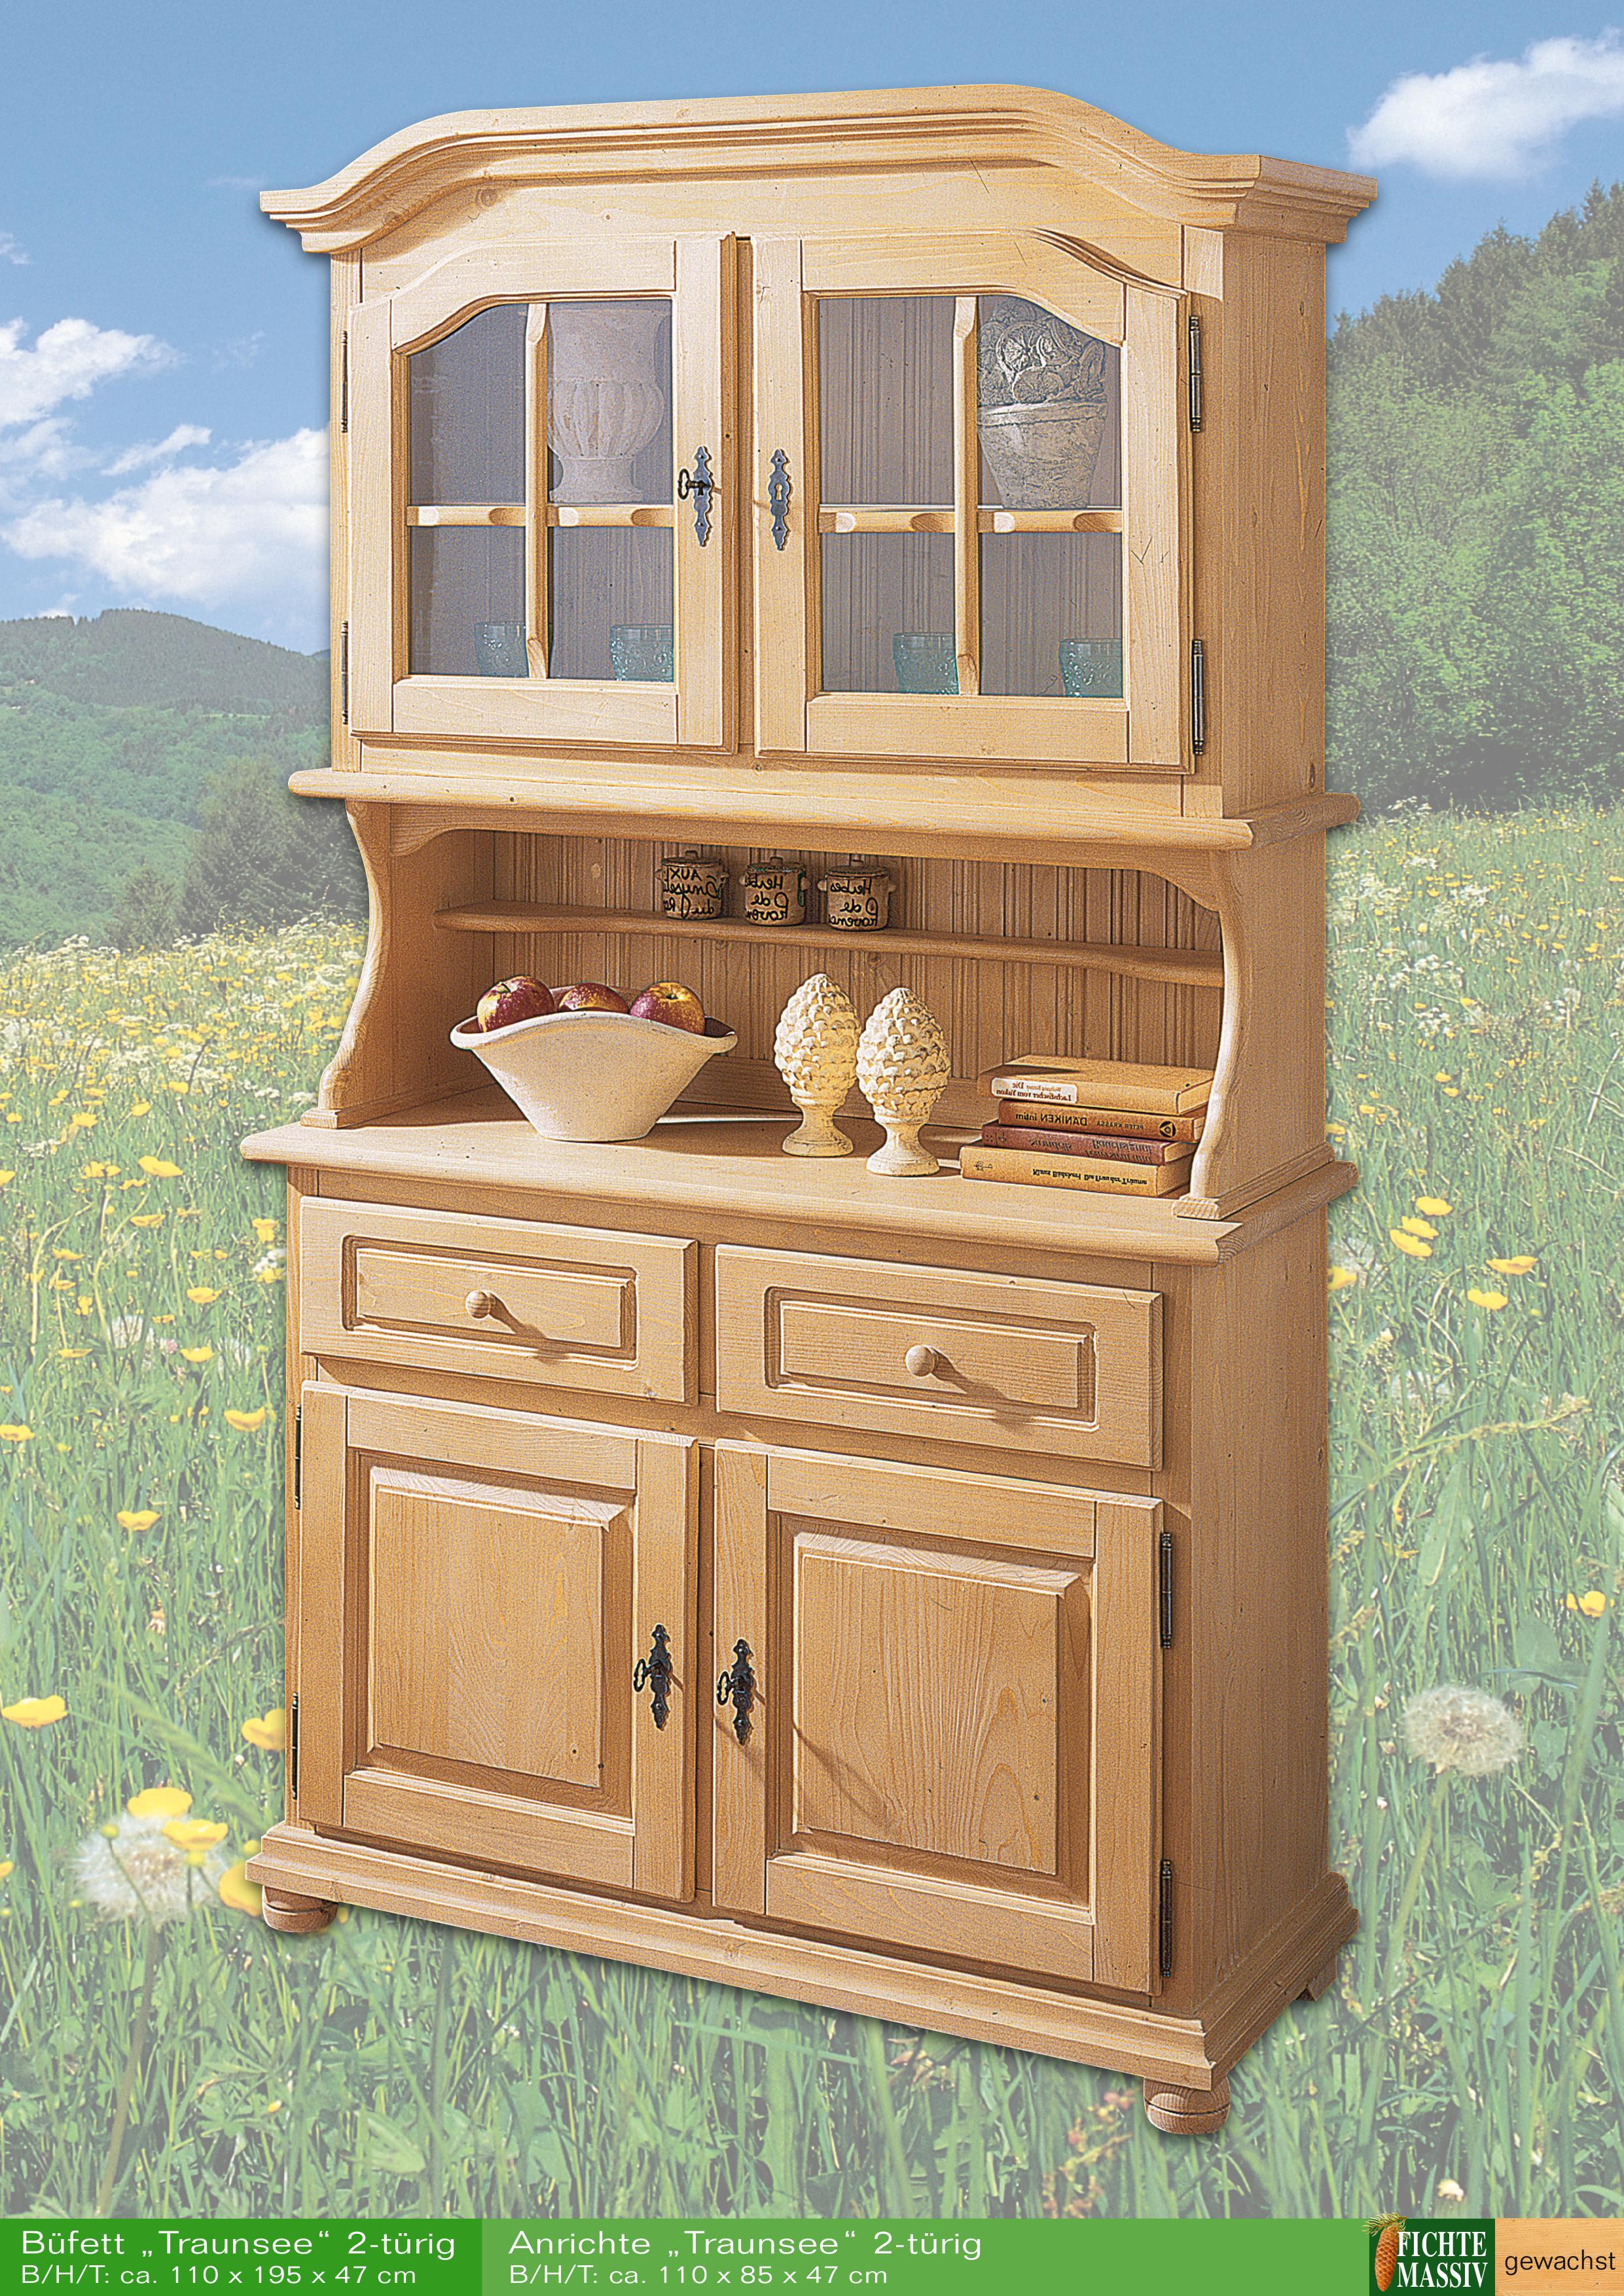 aktiv k chen schrank buffet vitrine glas traunsee fichte voll massiv gewachst landhaus. Black Bedroom Furniture Sets. Home Design Ideas